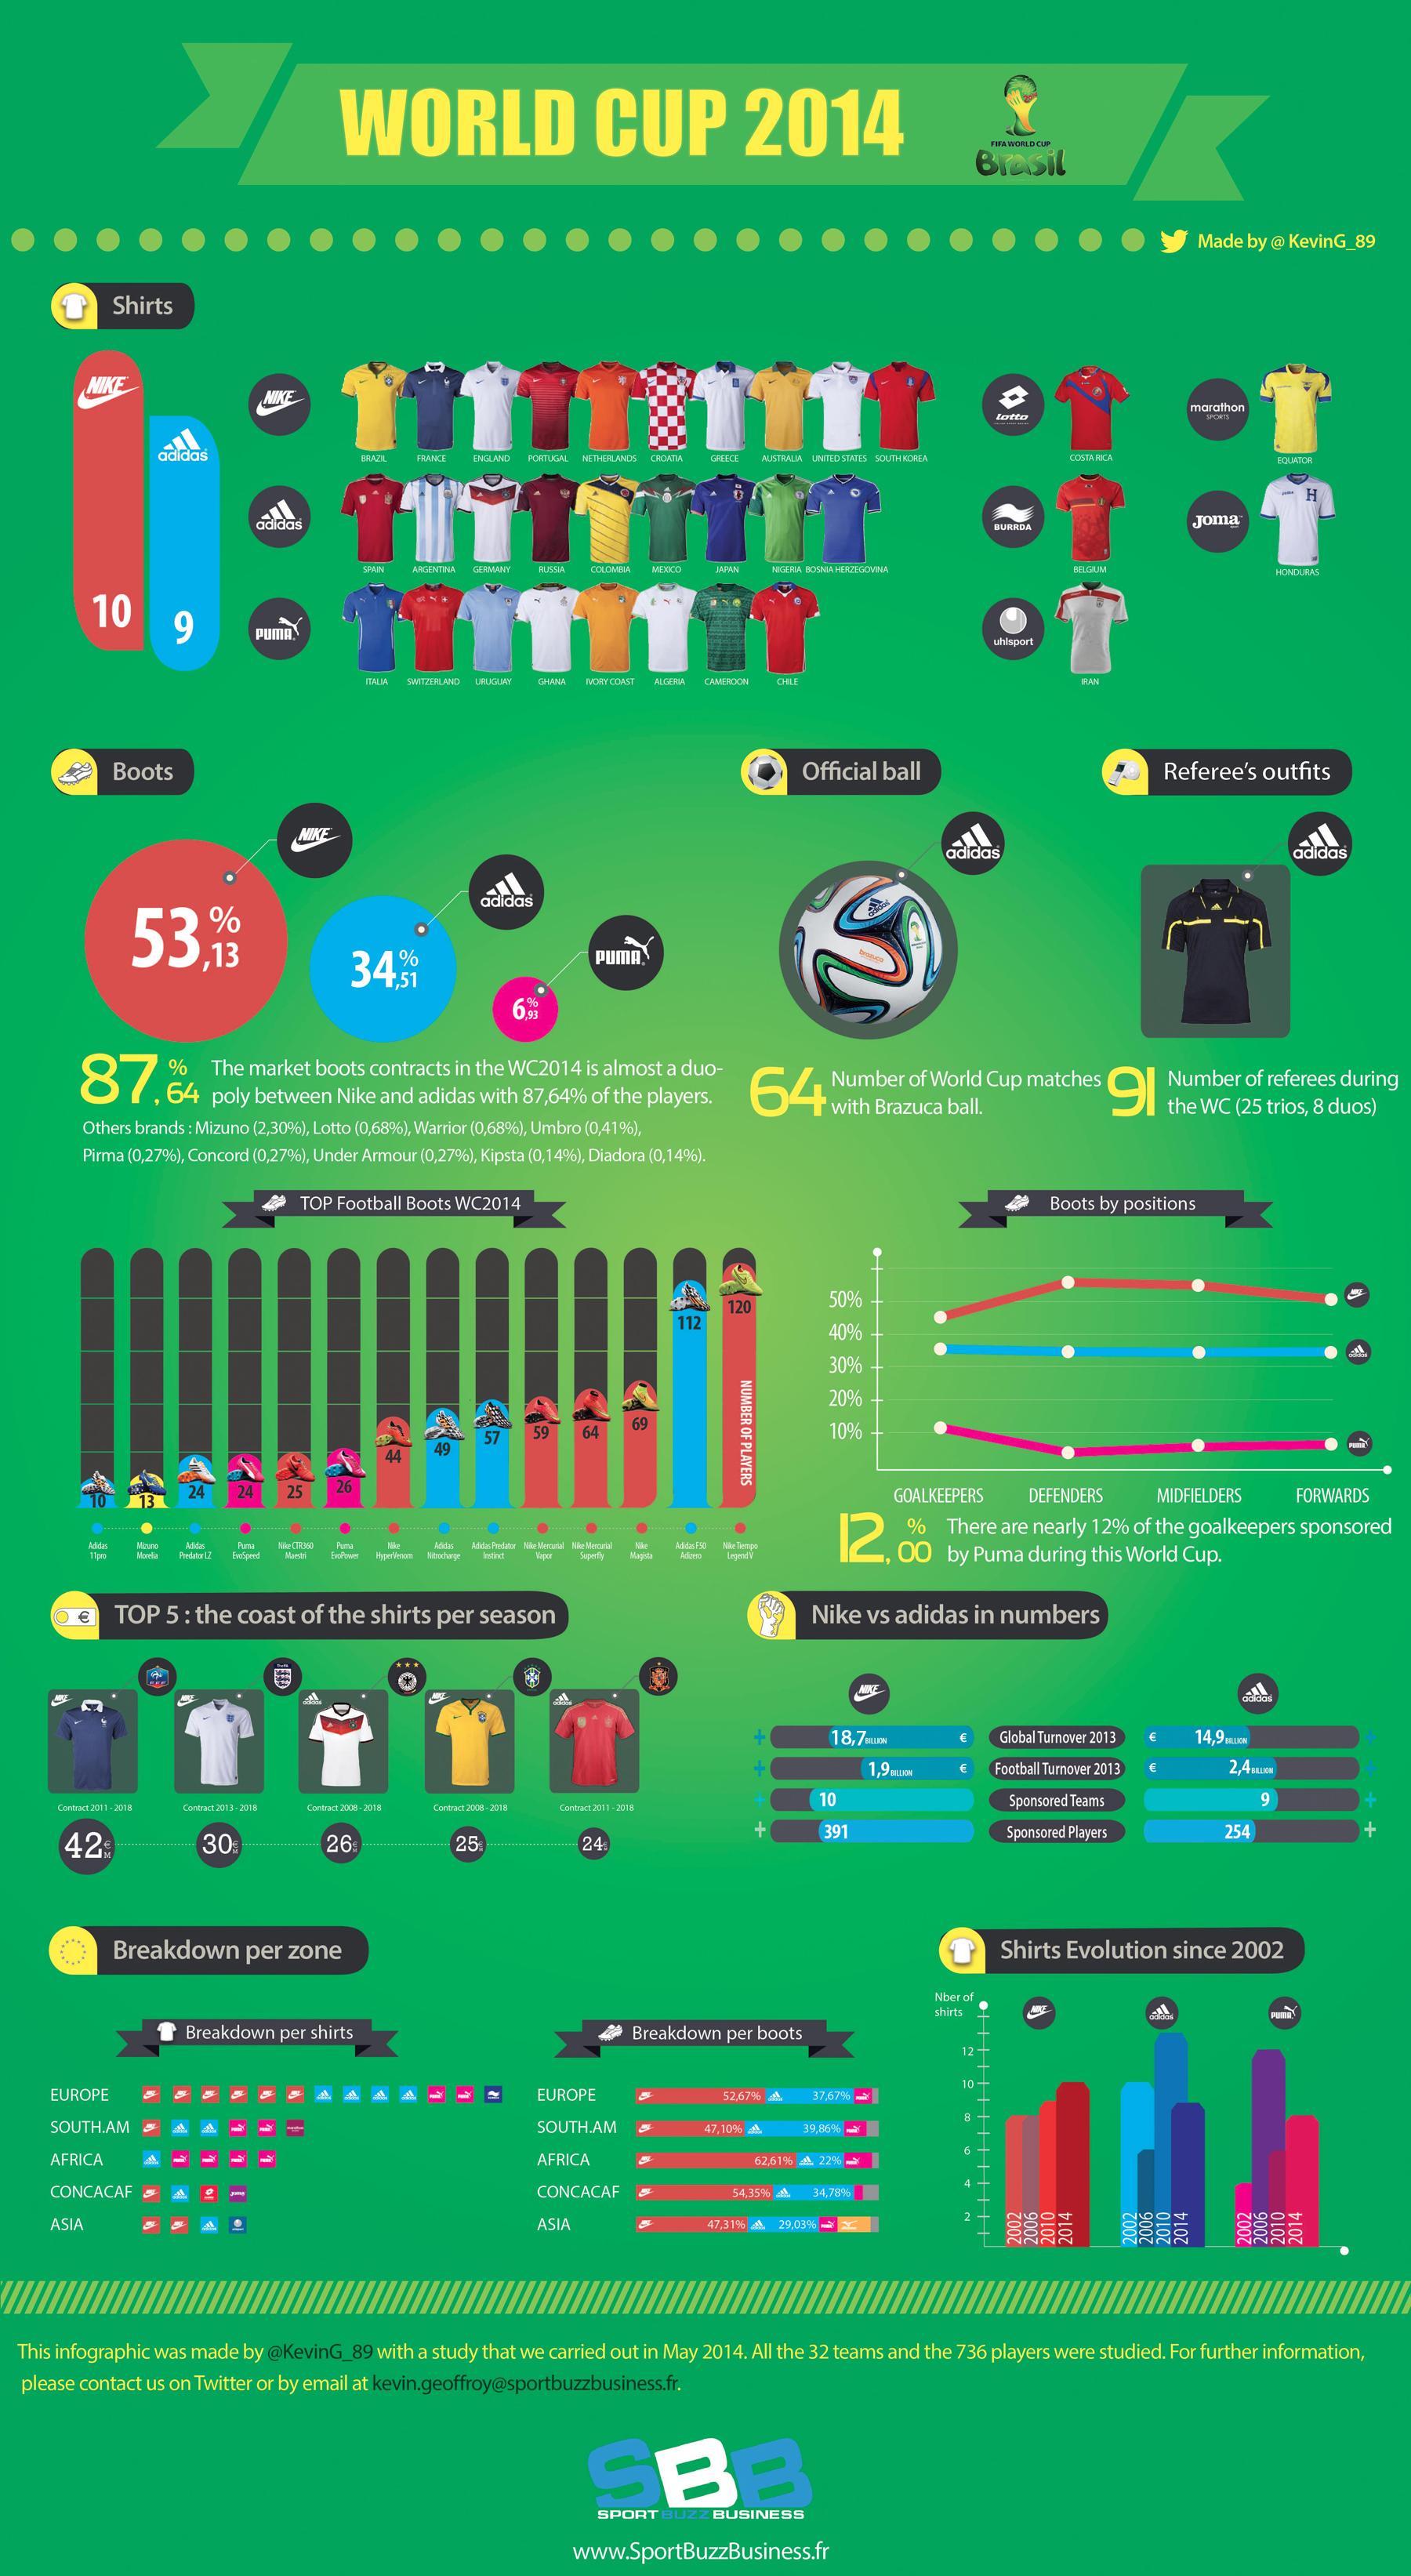 Équipementiers Coupe De 32 Monde Du 2014 Les La Infographie gFTxq5wT